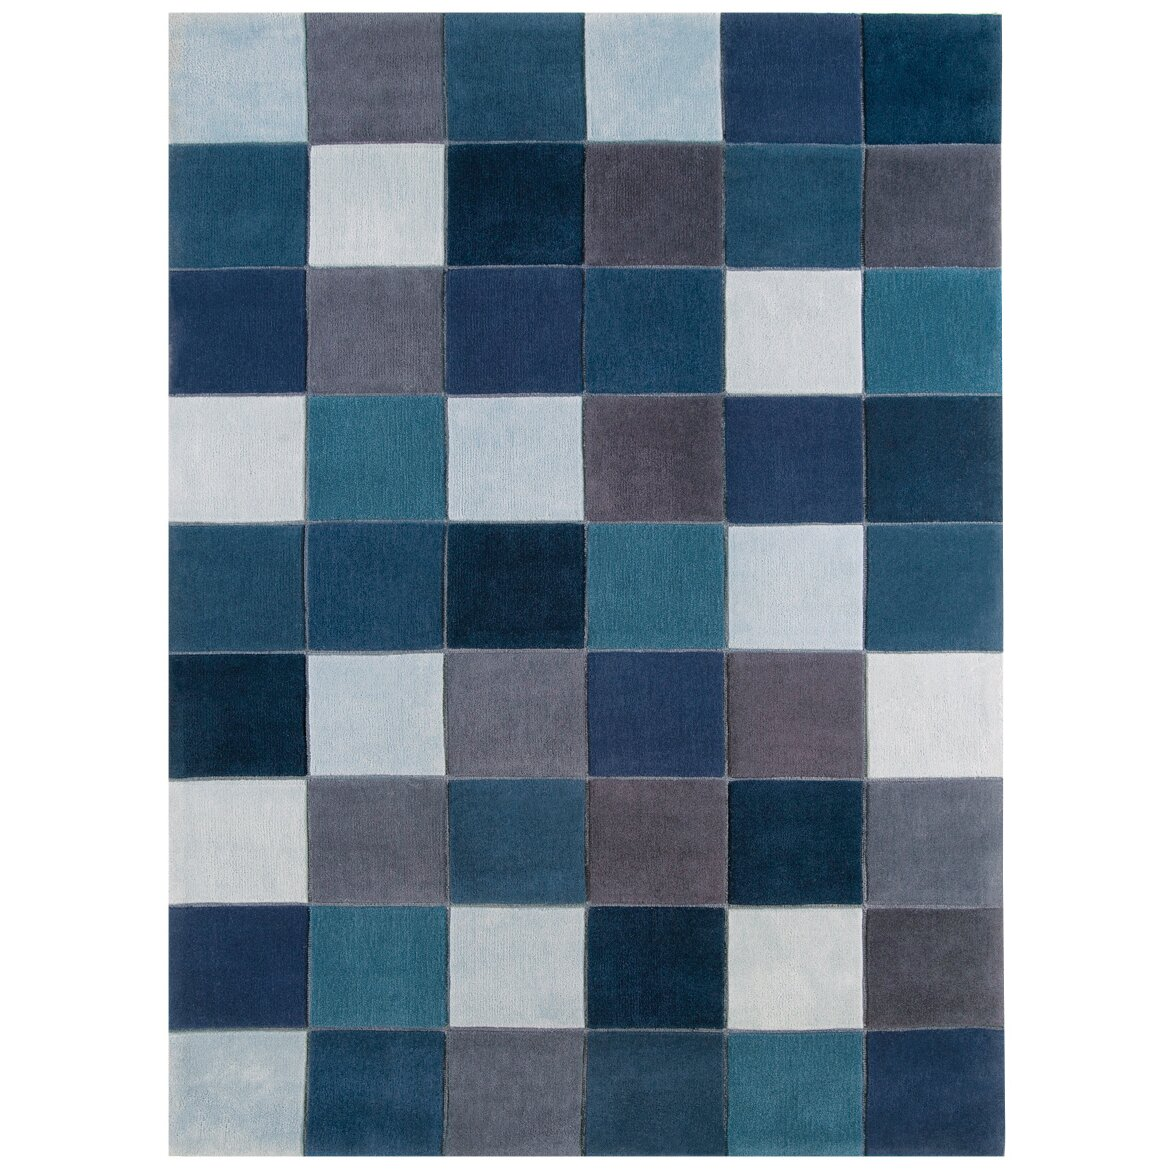 Asiatic Carpets Ltd Eden HandTufted Blue Area Rug